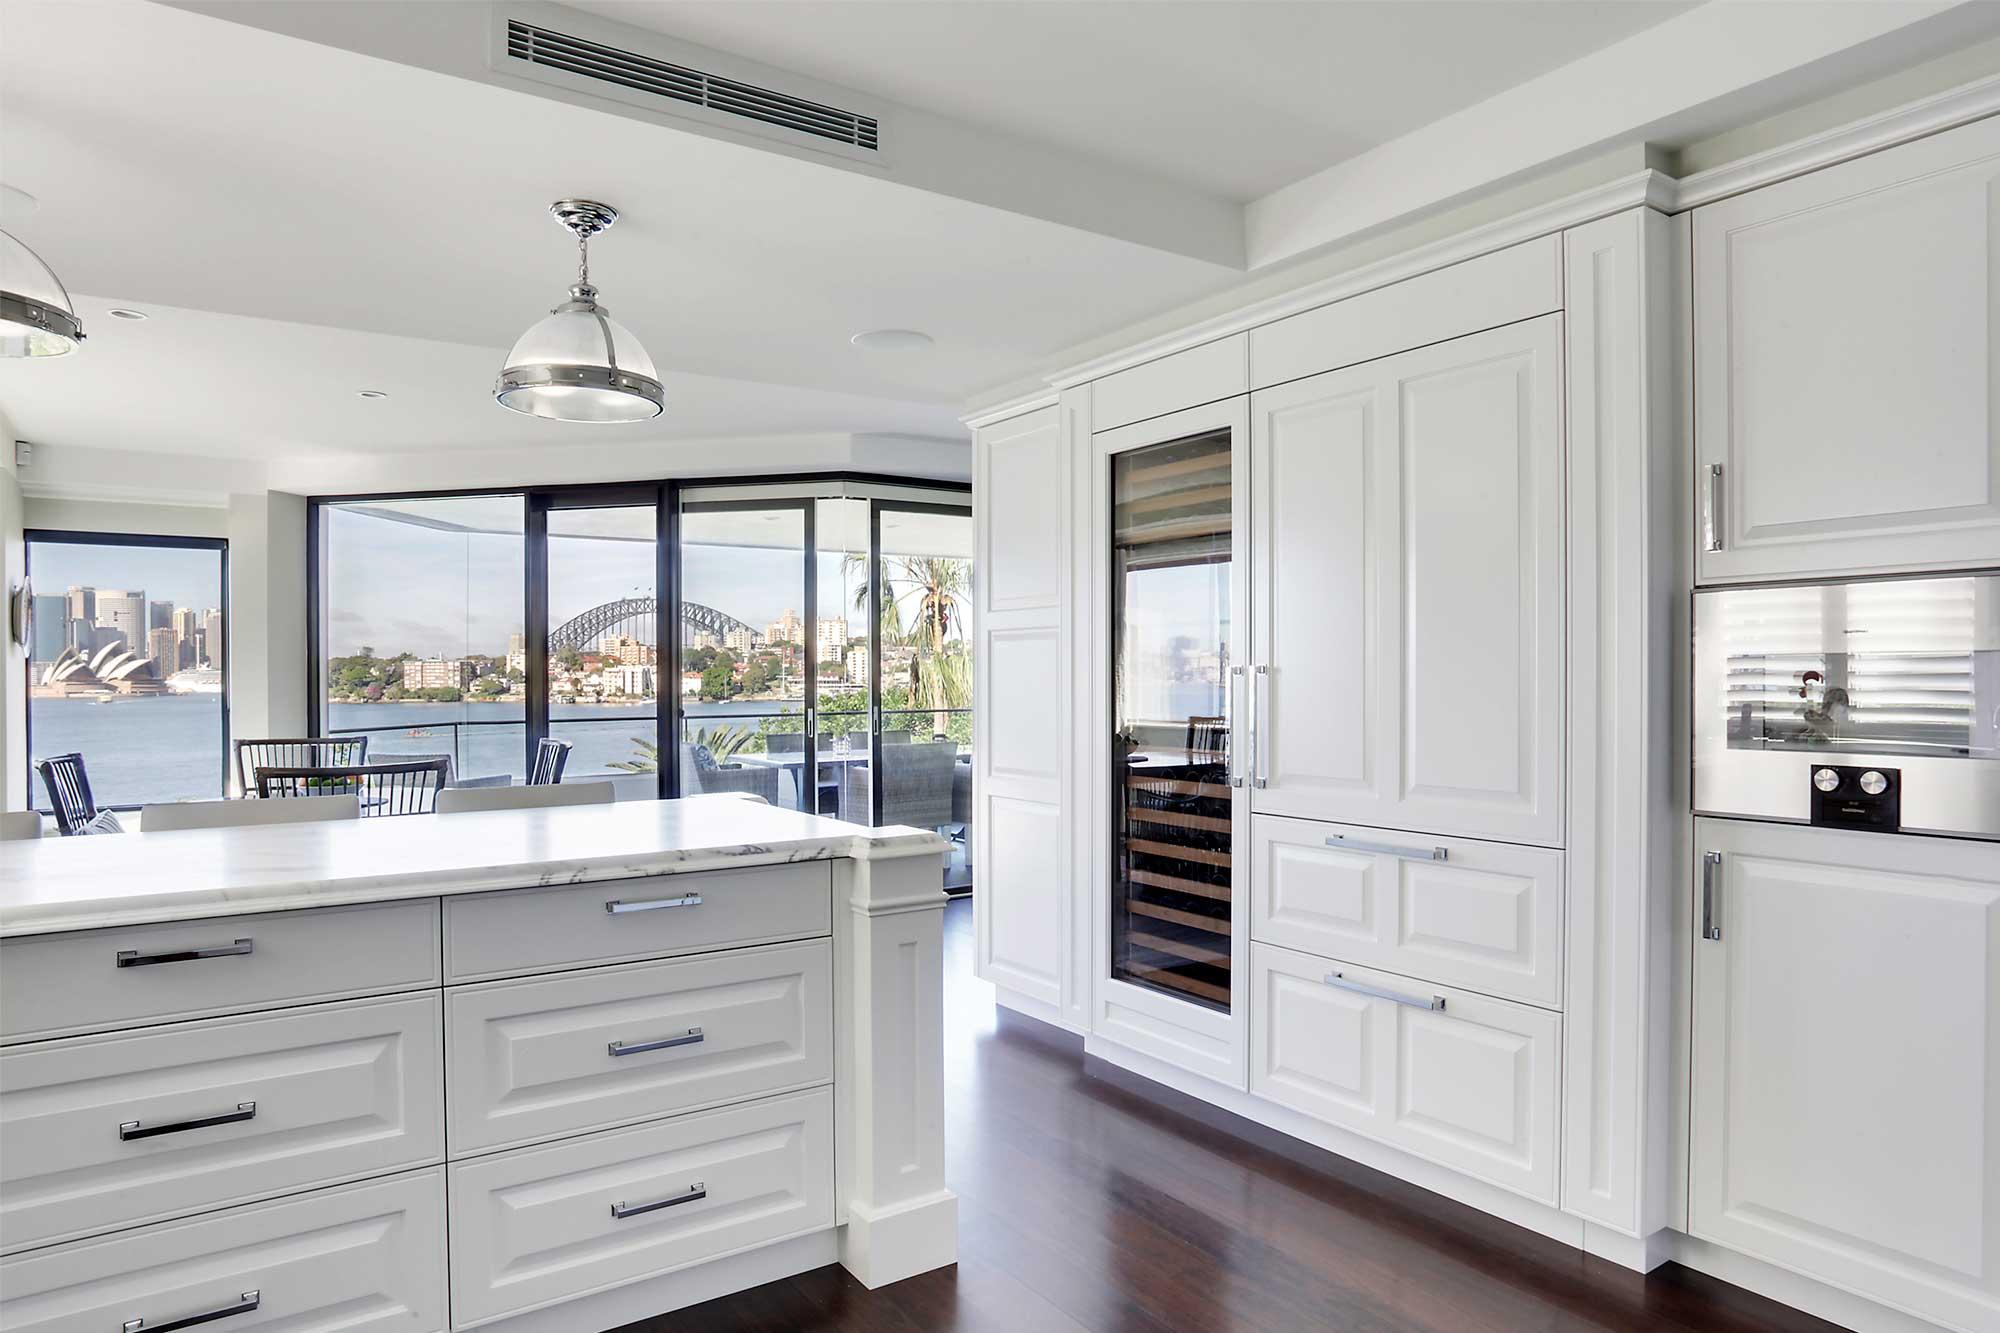 High Quality Luxury Door Handles Online Gregory Croxford Living